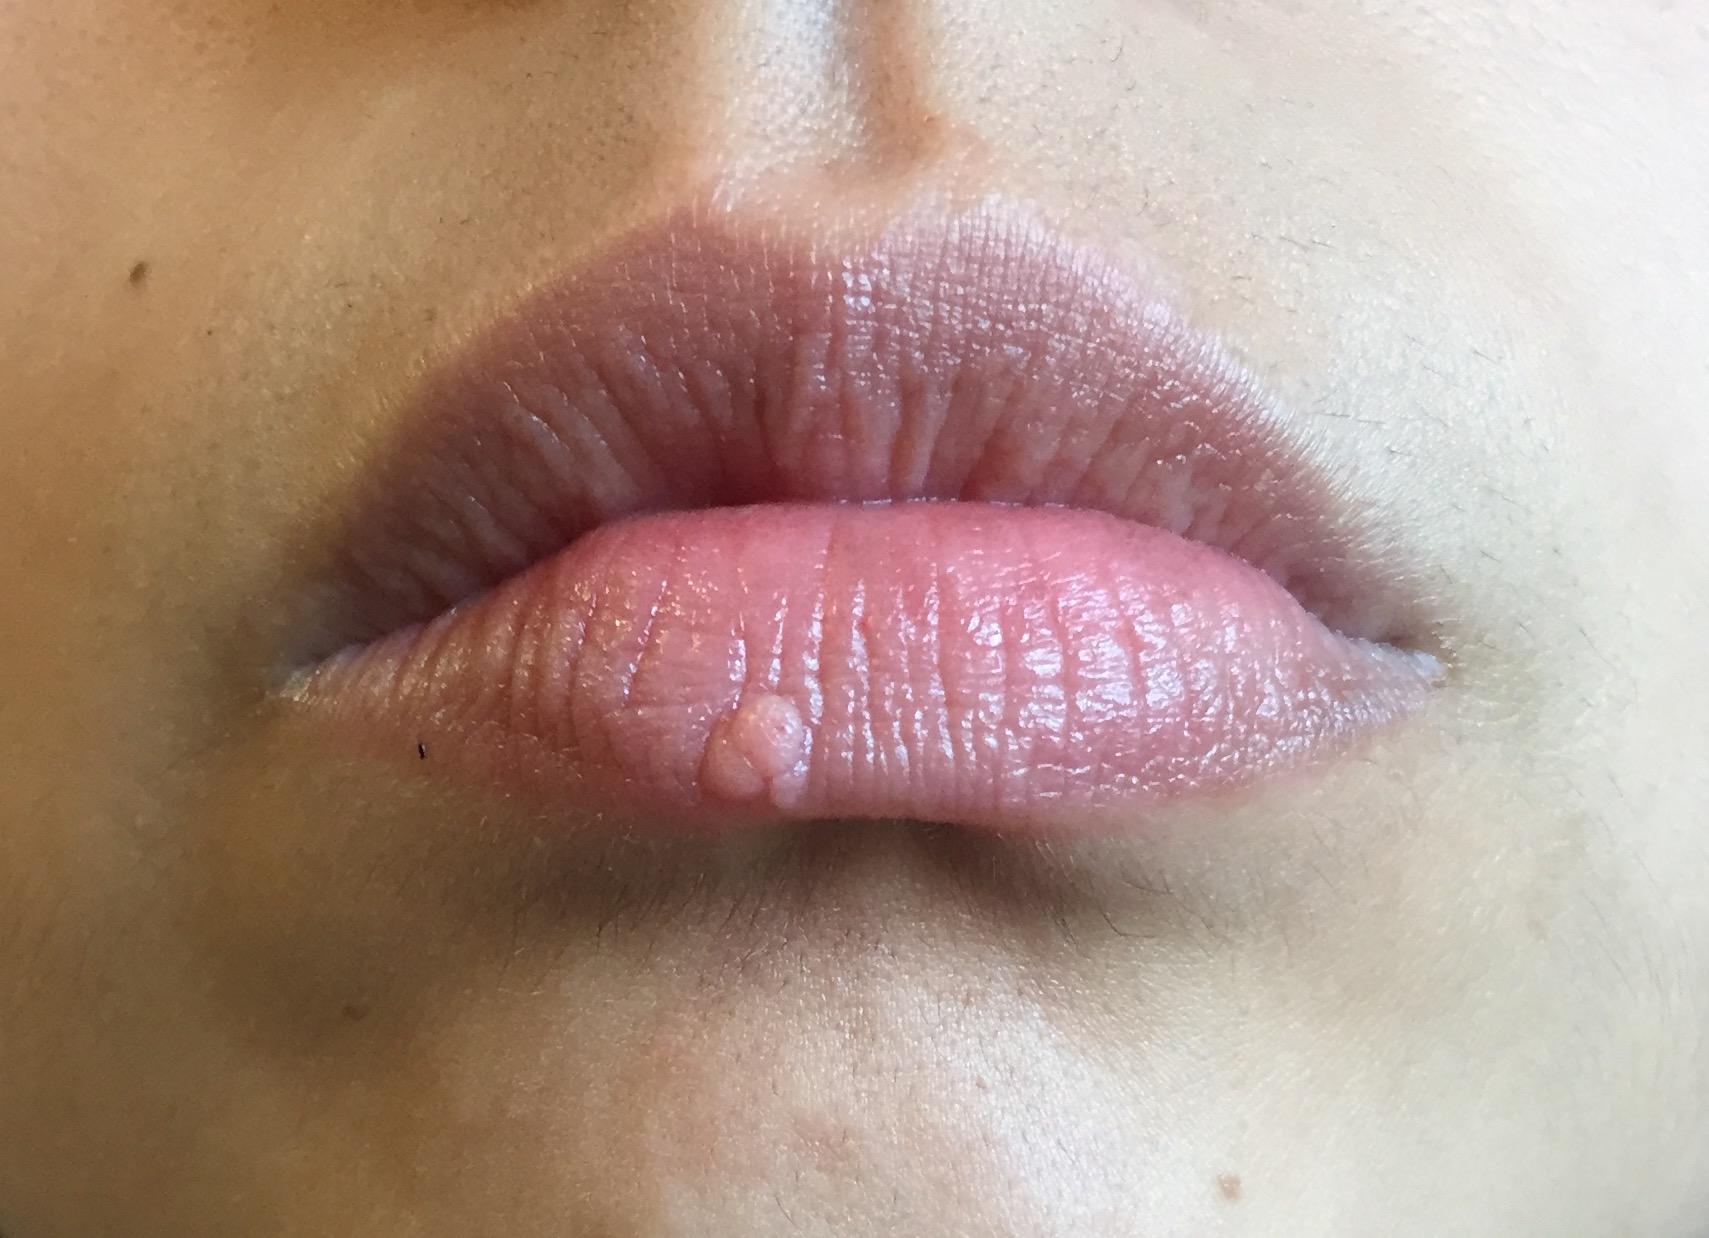 Papilloma labbro inferiore, Hpv labbro inferiore